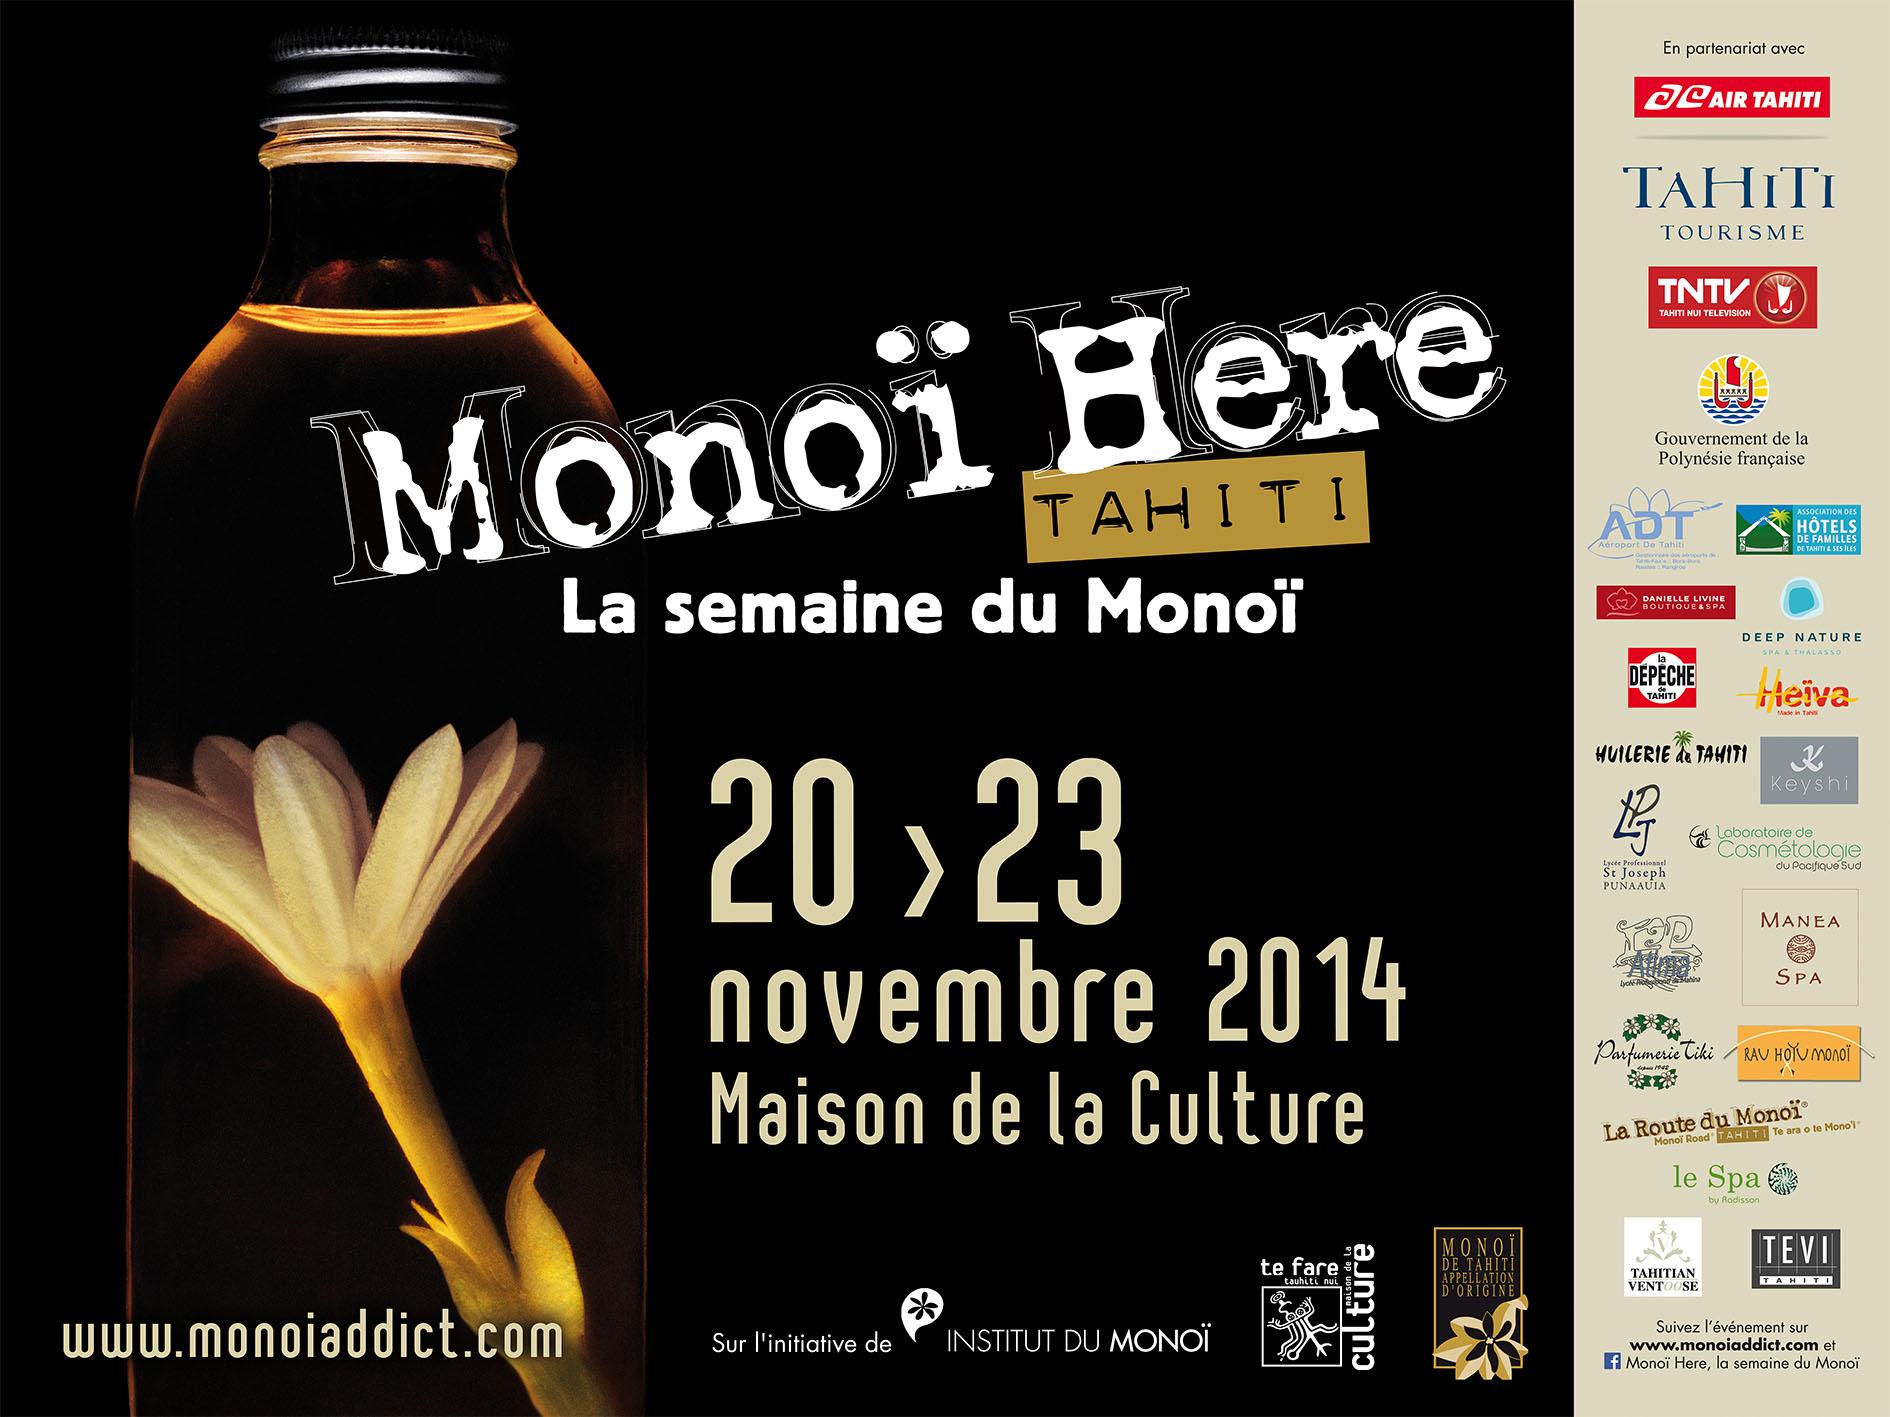 Ev nements parfumerie tiki officiel - Maison de la parfumerie ...